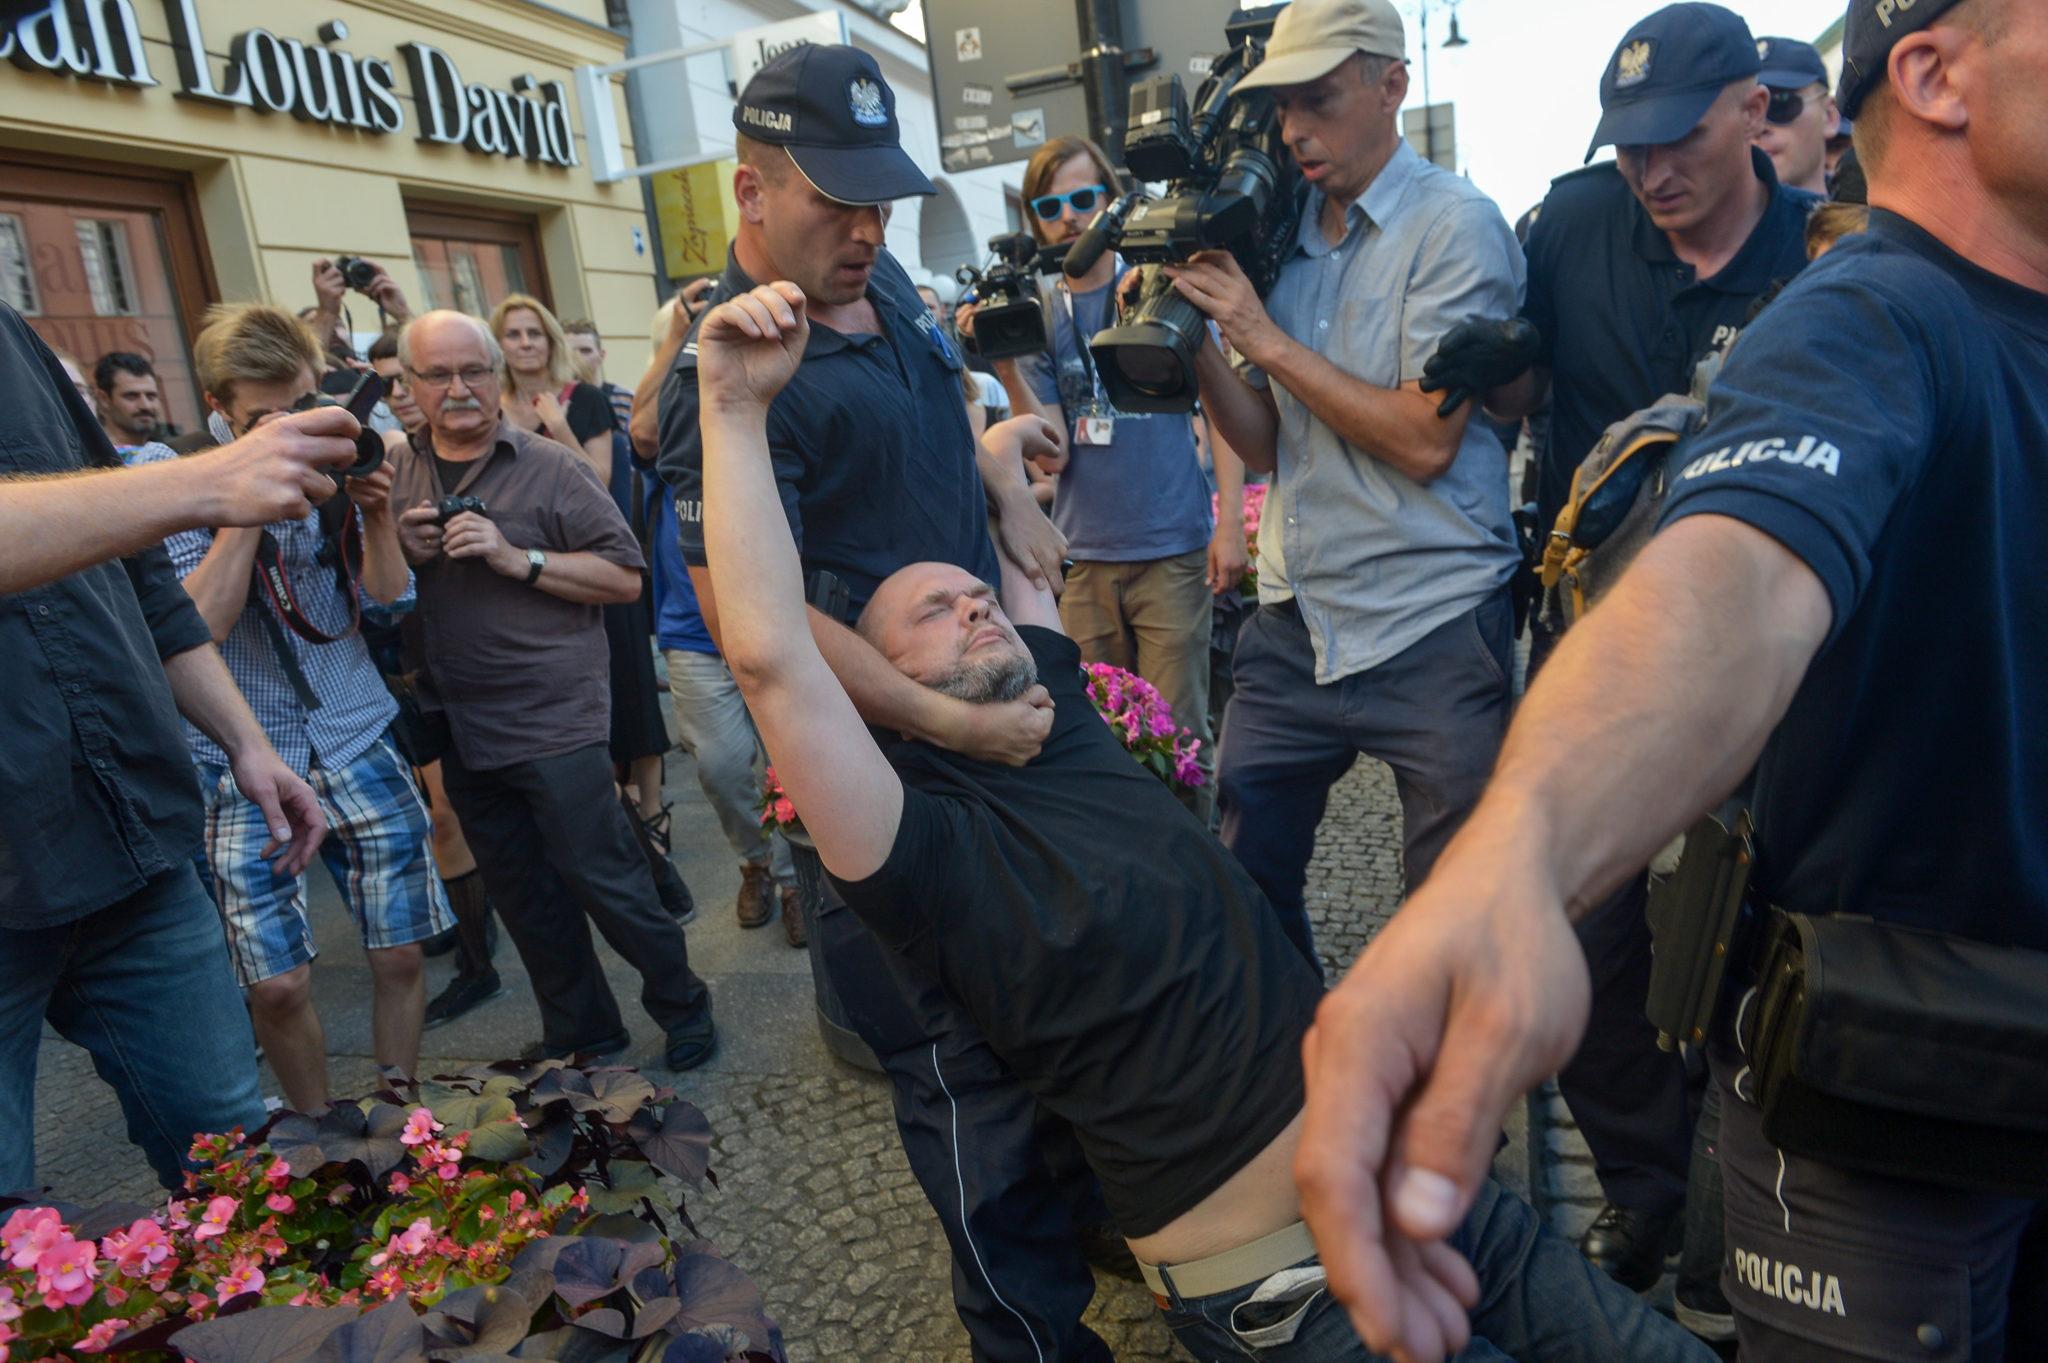 Warszawa, Policja usuwa grupę Obywateli RP, którzy usiłowali zablokować przemarsz Młodzieży Wszechpolskiej (Marsz Zwycięstwa Rzeczypospolitej), PAP/Marcin Obara